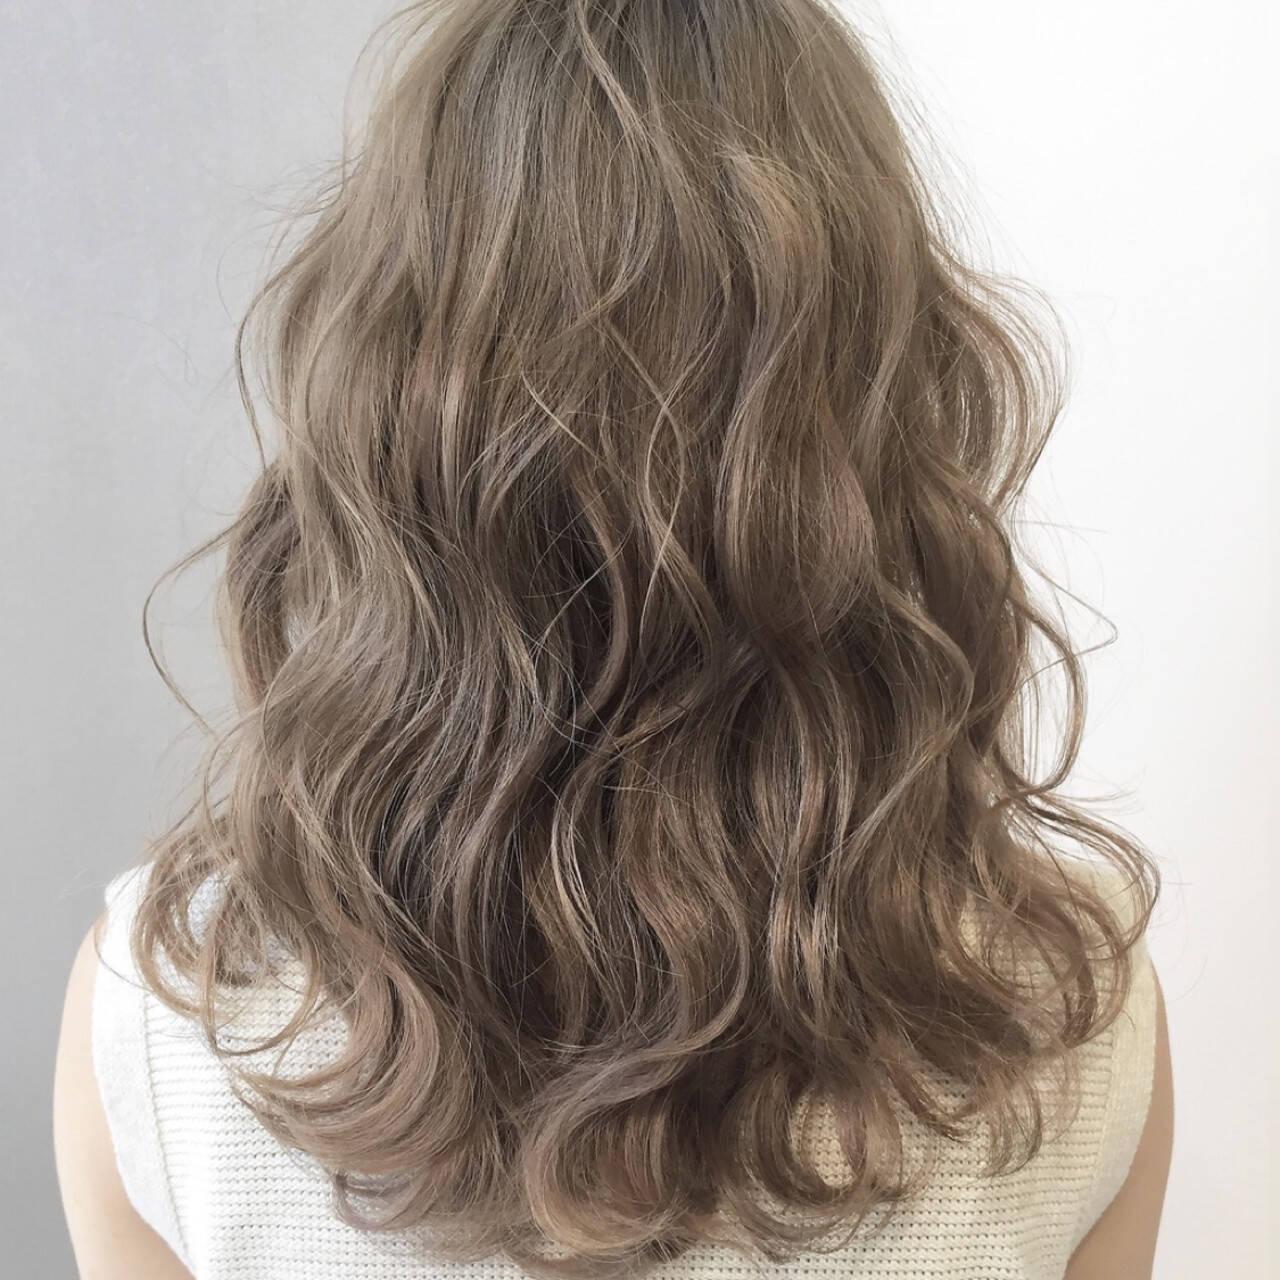 ミルクティーグレージュ ミルクティーベージュ アッシュグレージュ 簡単ヘアアレンジヘアスタイルや髪型の写真・画像